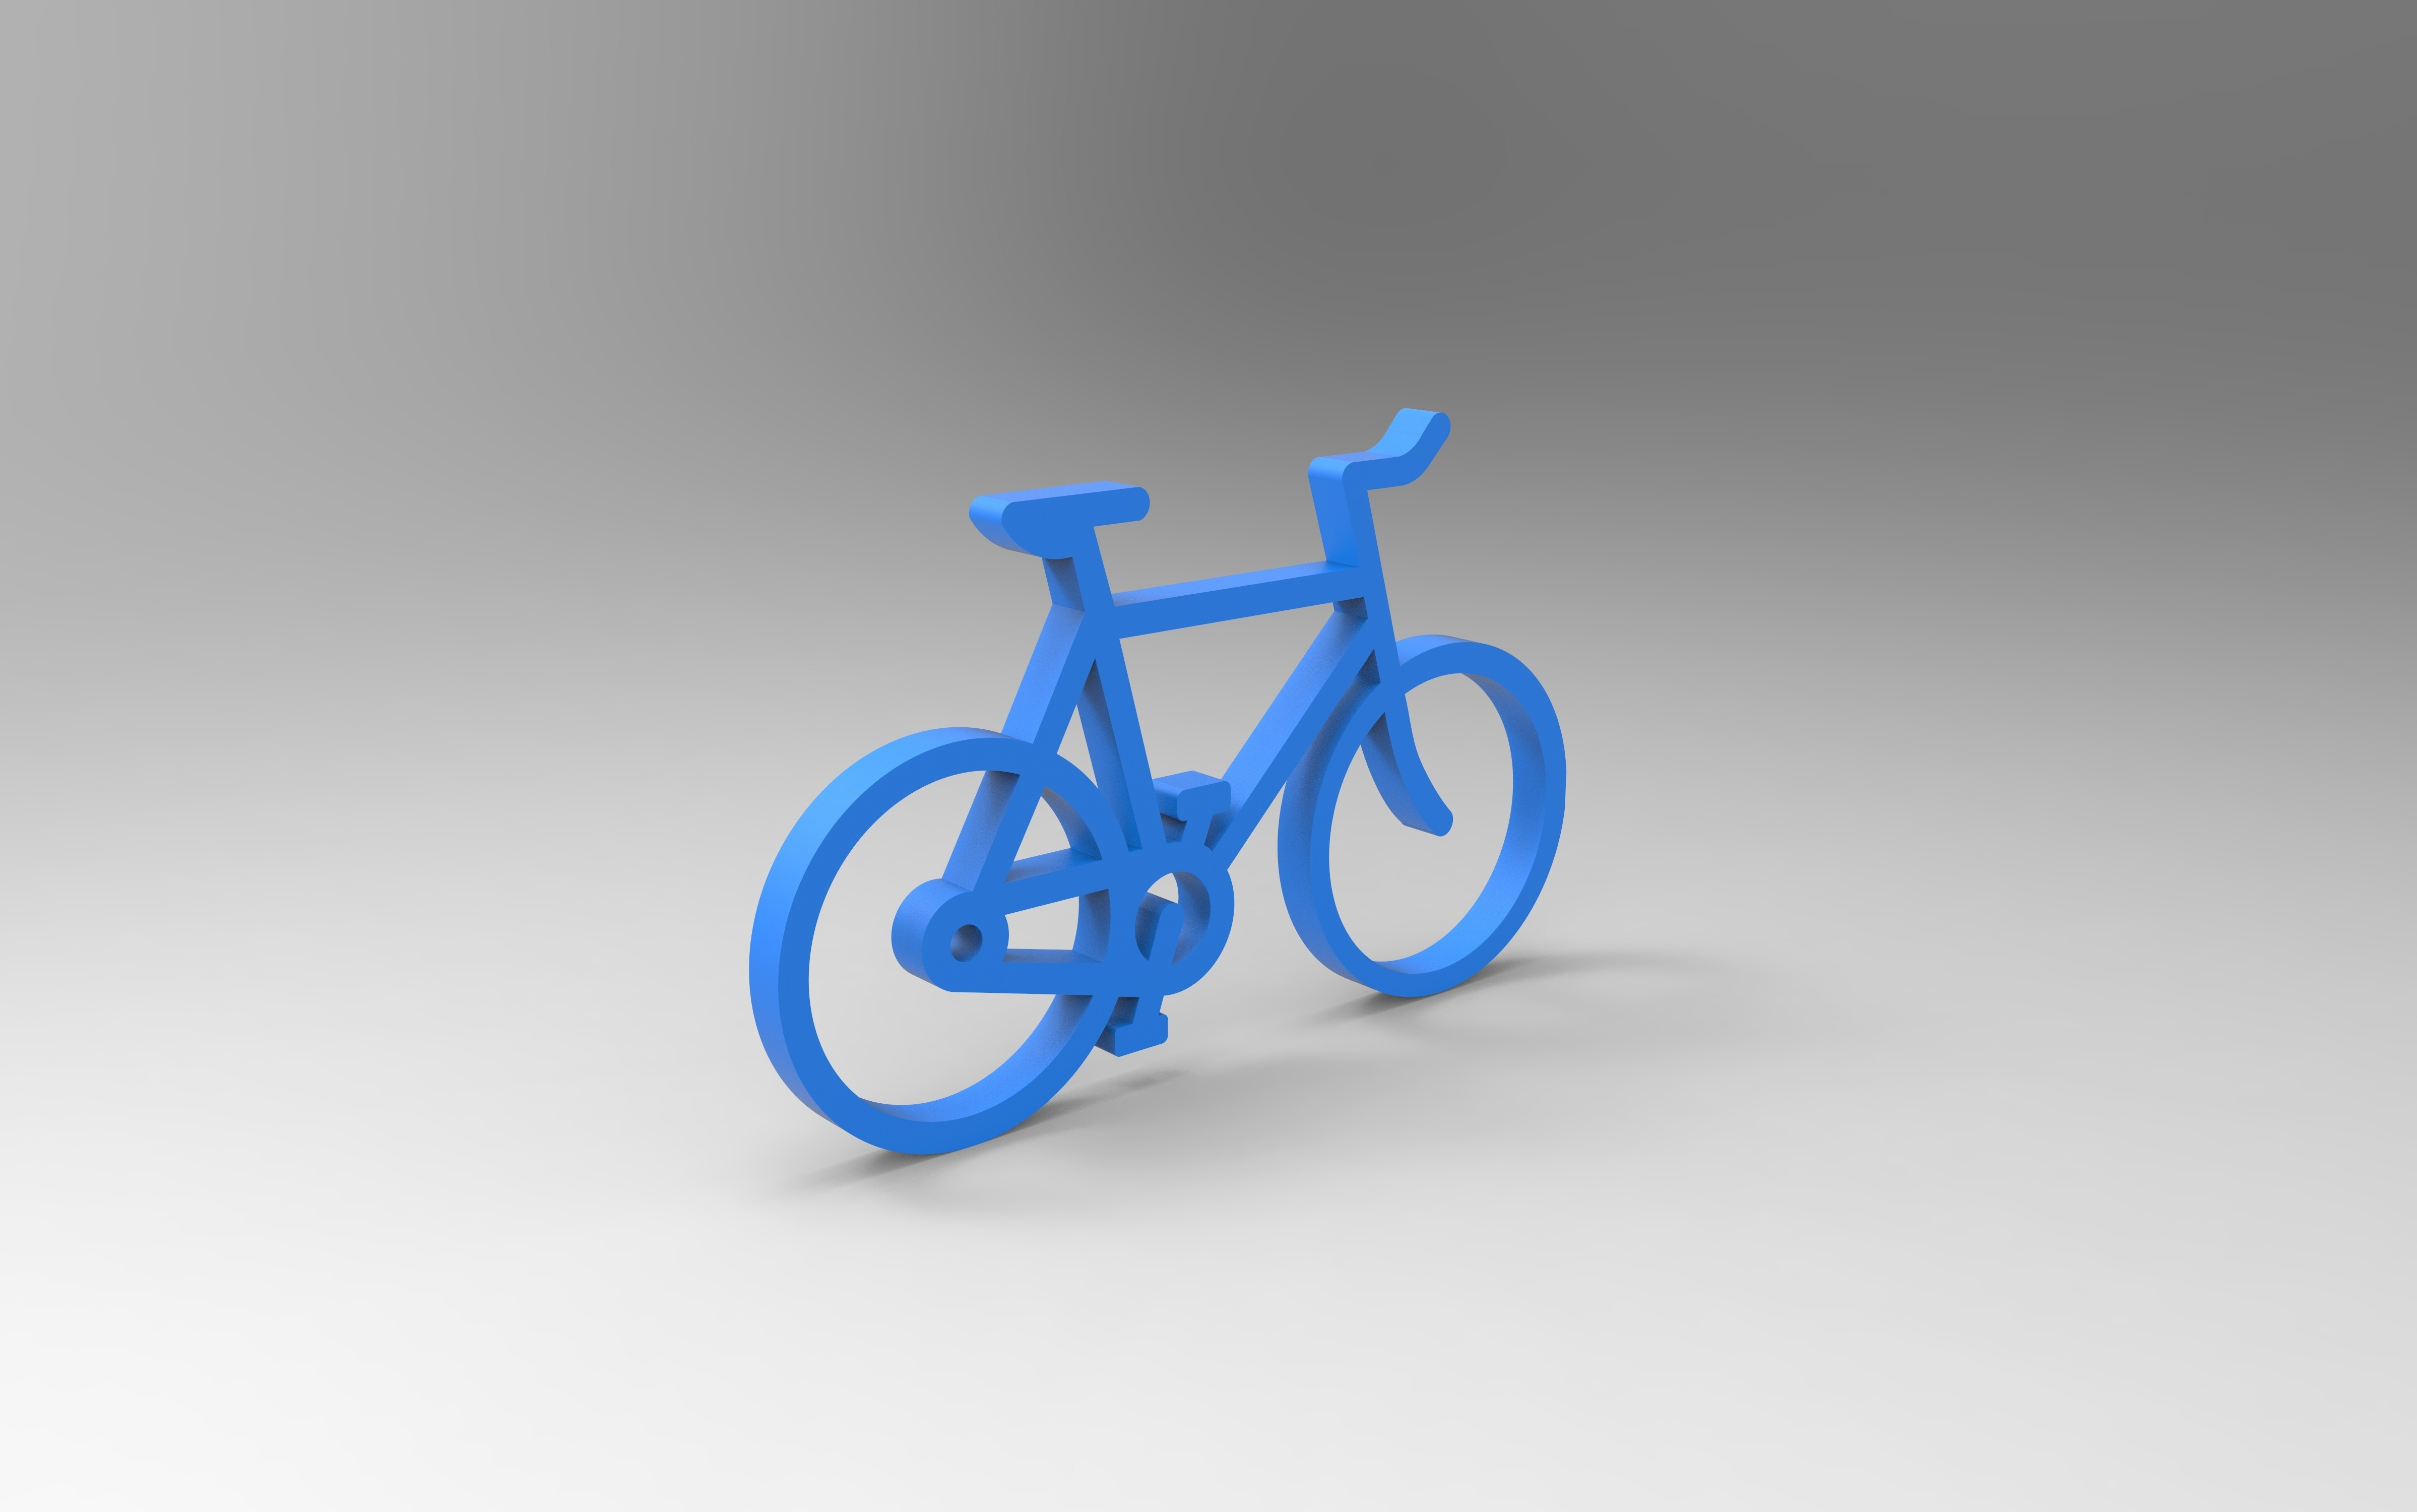 rendu bleu profi.jpg Download free STL file Key ring • 3D printer model, GuilhemPerroud